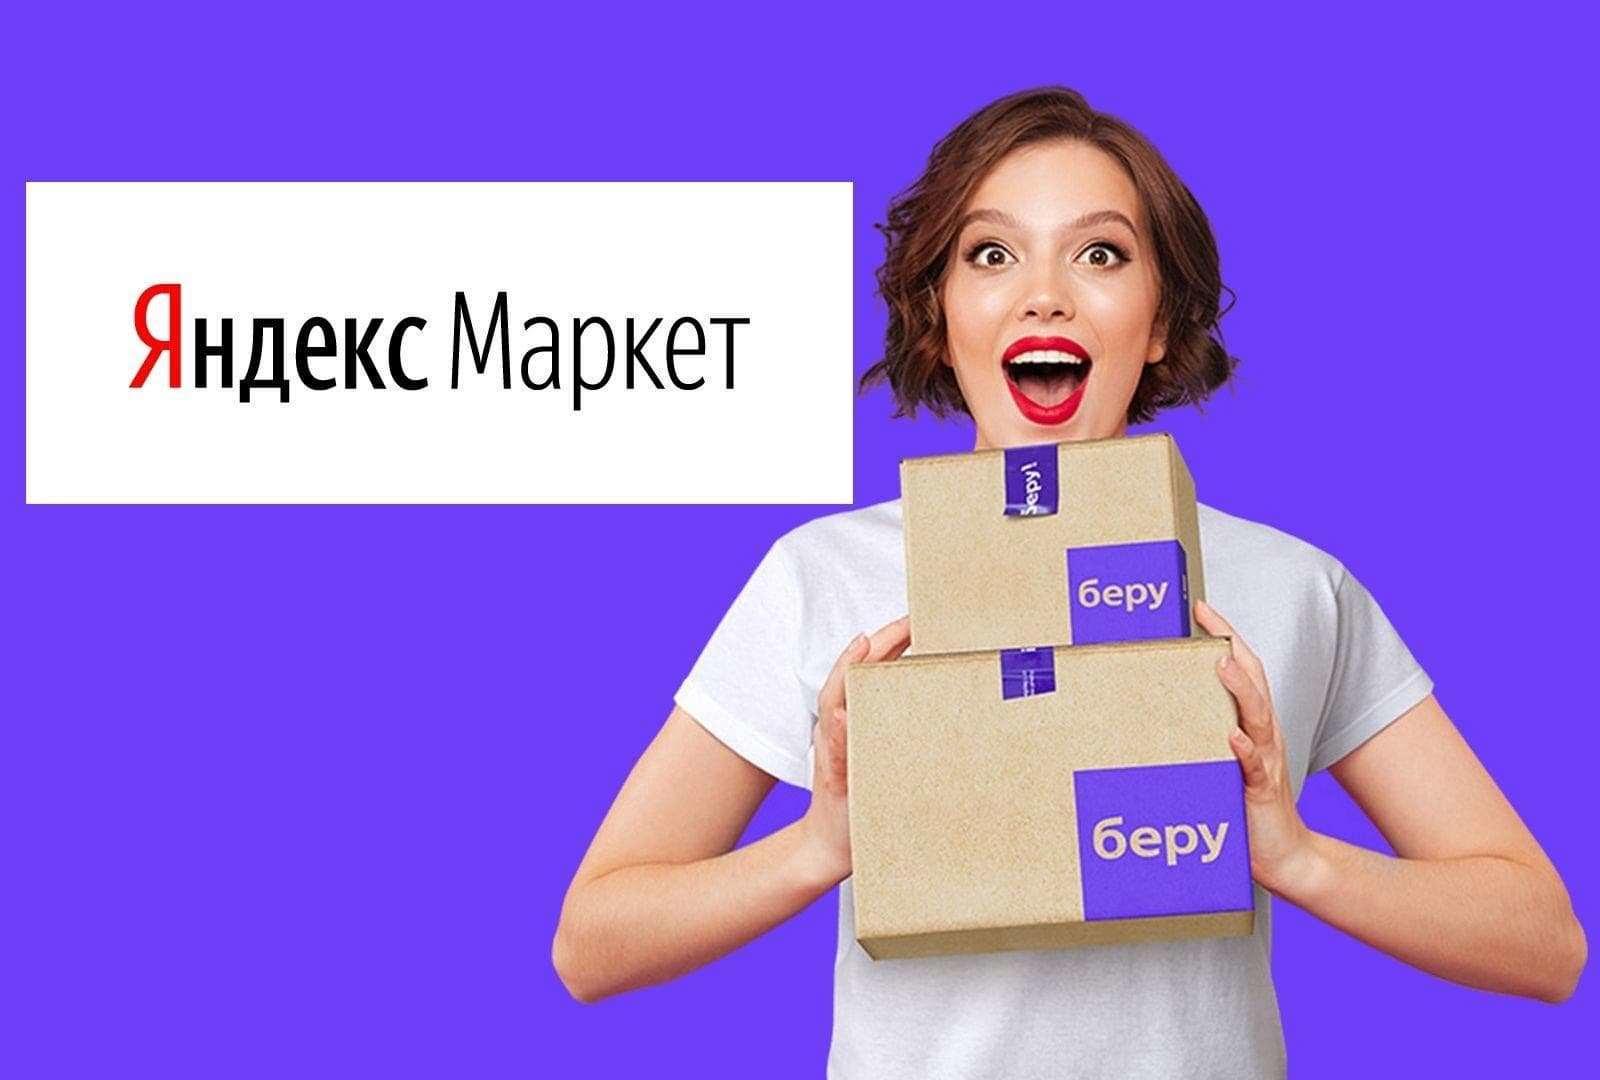 Специалисты Яндекс.Маркет разработали новую функцию с дополненной реальностью